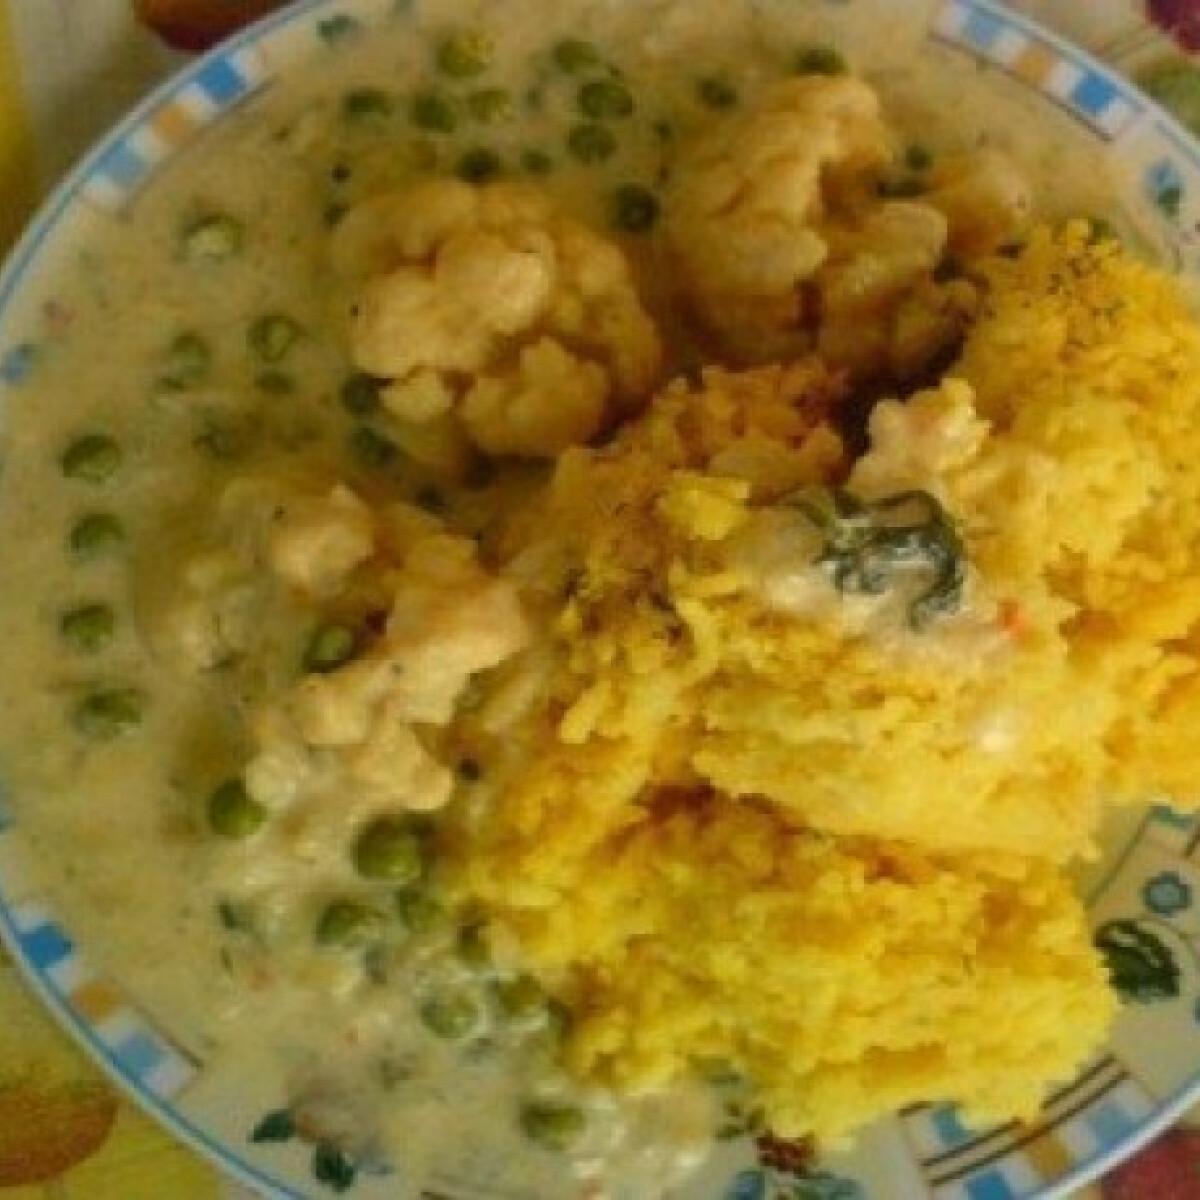 Főzőtökös-karfiolos tejszínszósz párolt rizzsel